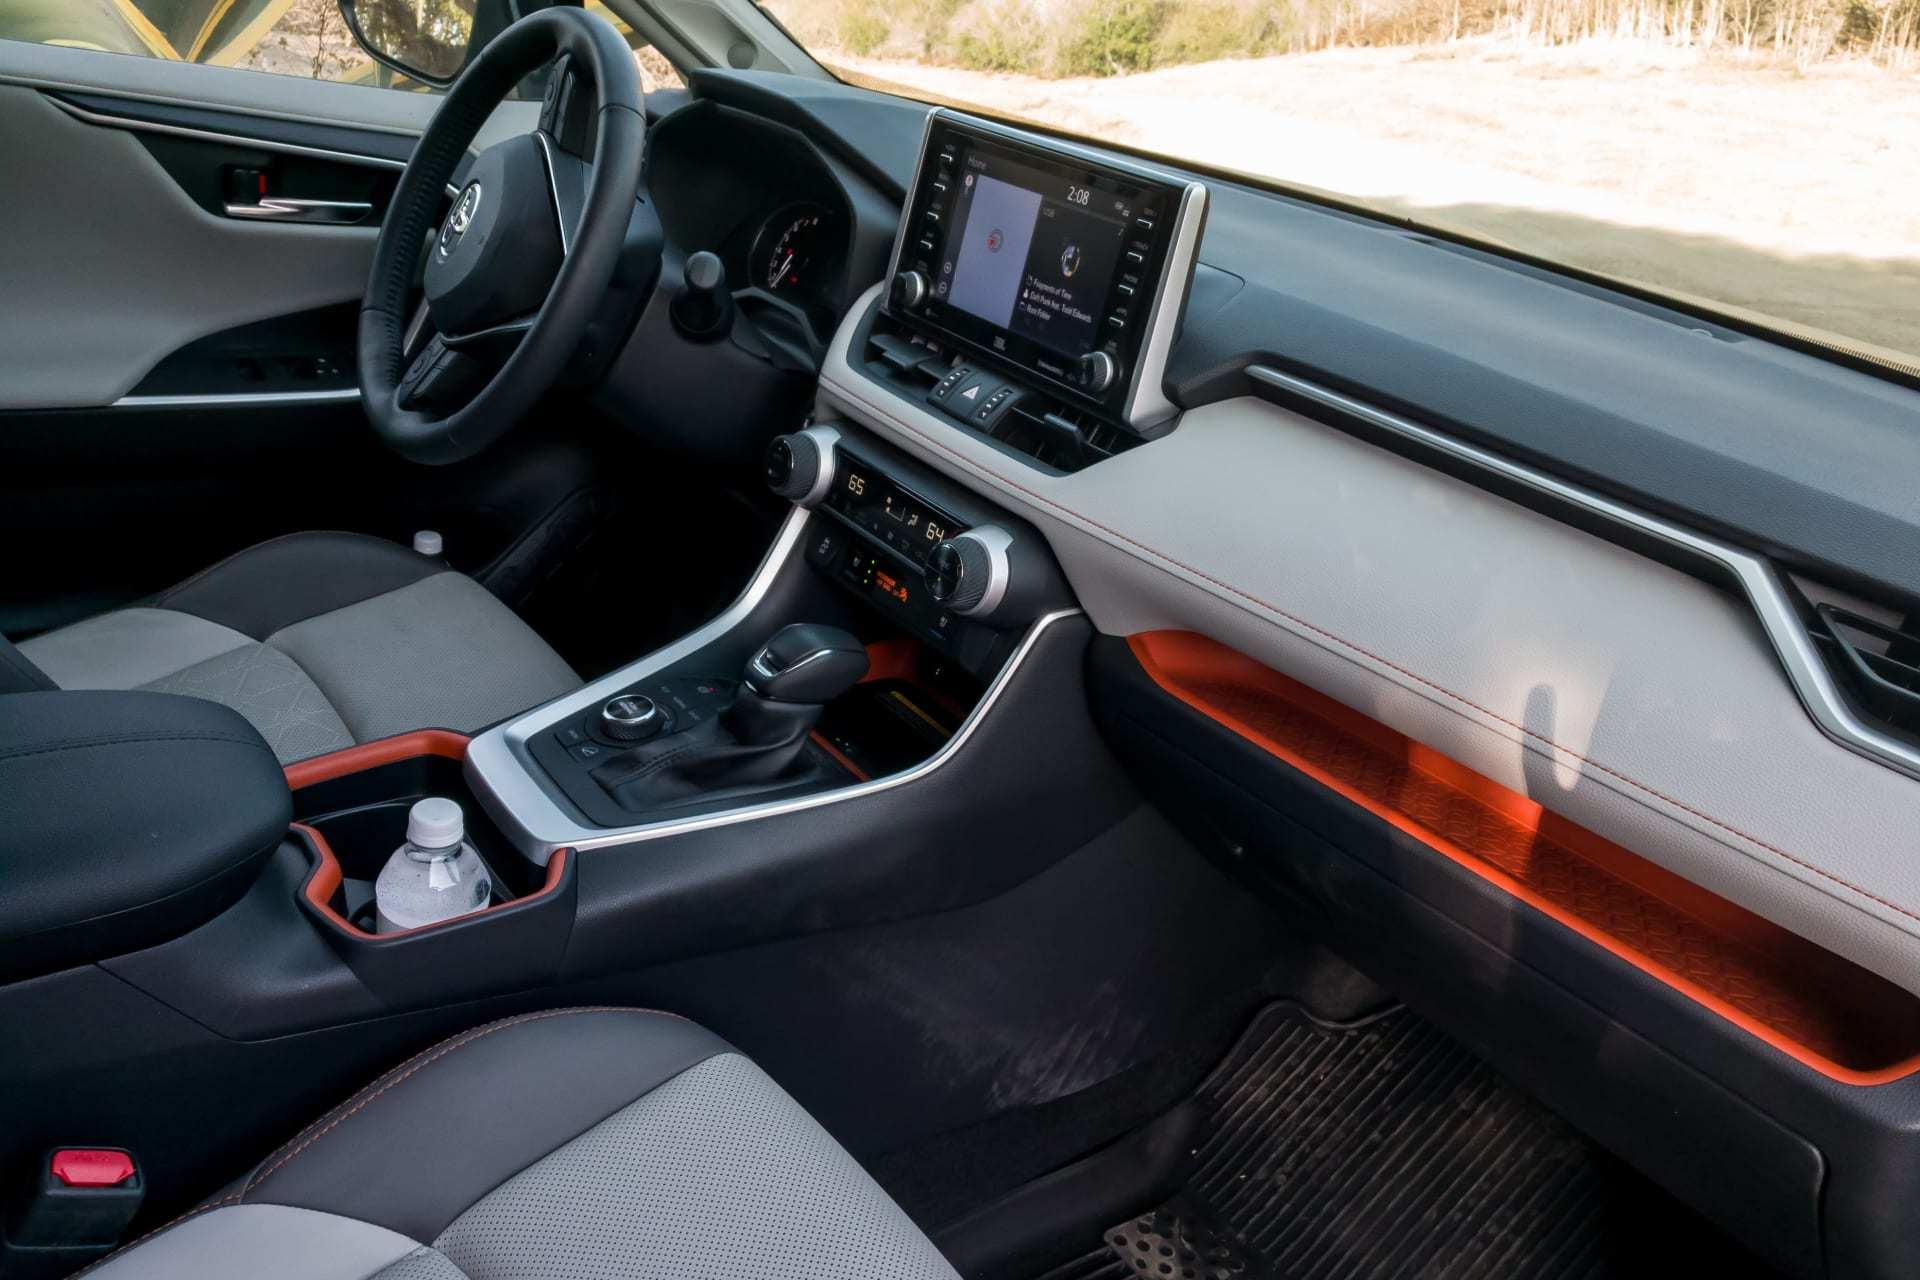 56 The Toyota Rav4 2020 Interior Spy Shoot with Toyota Rav4 2020 Interior